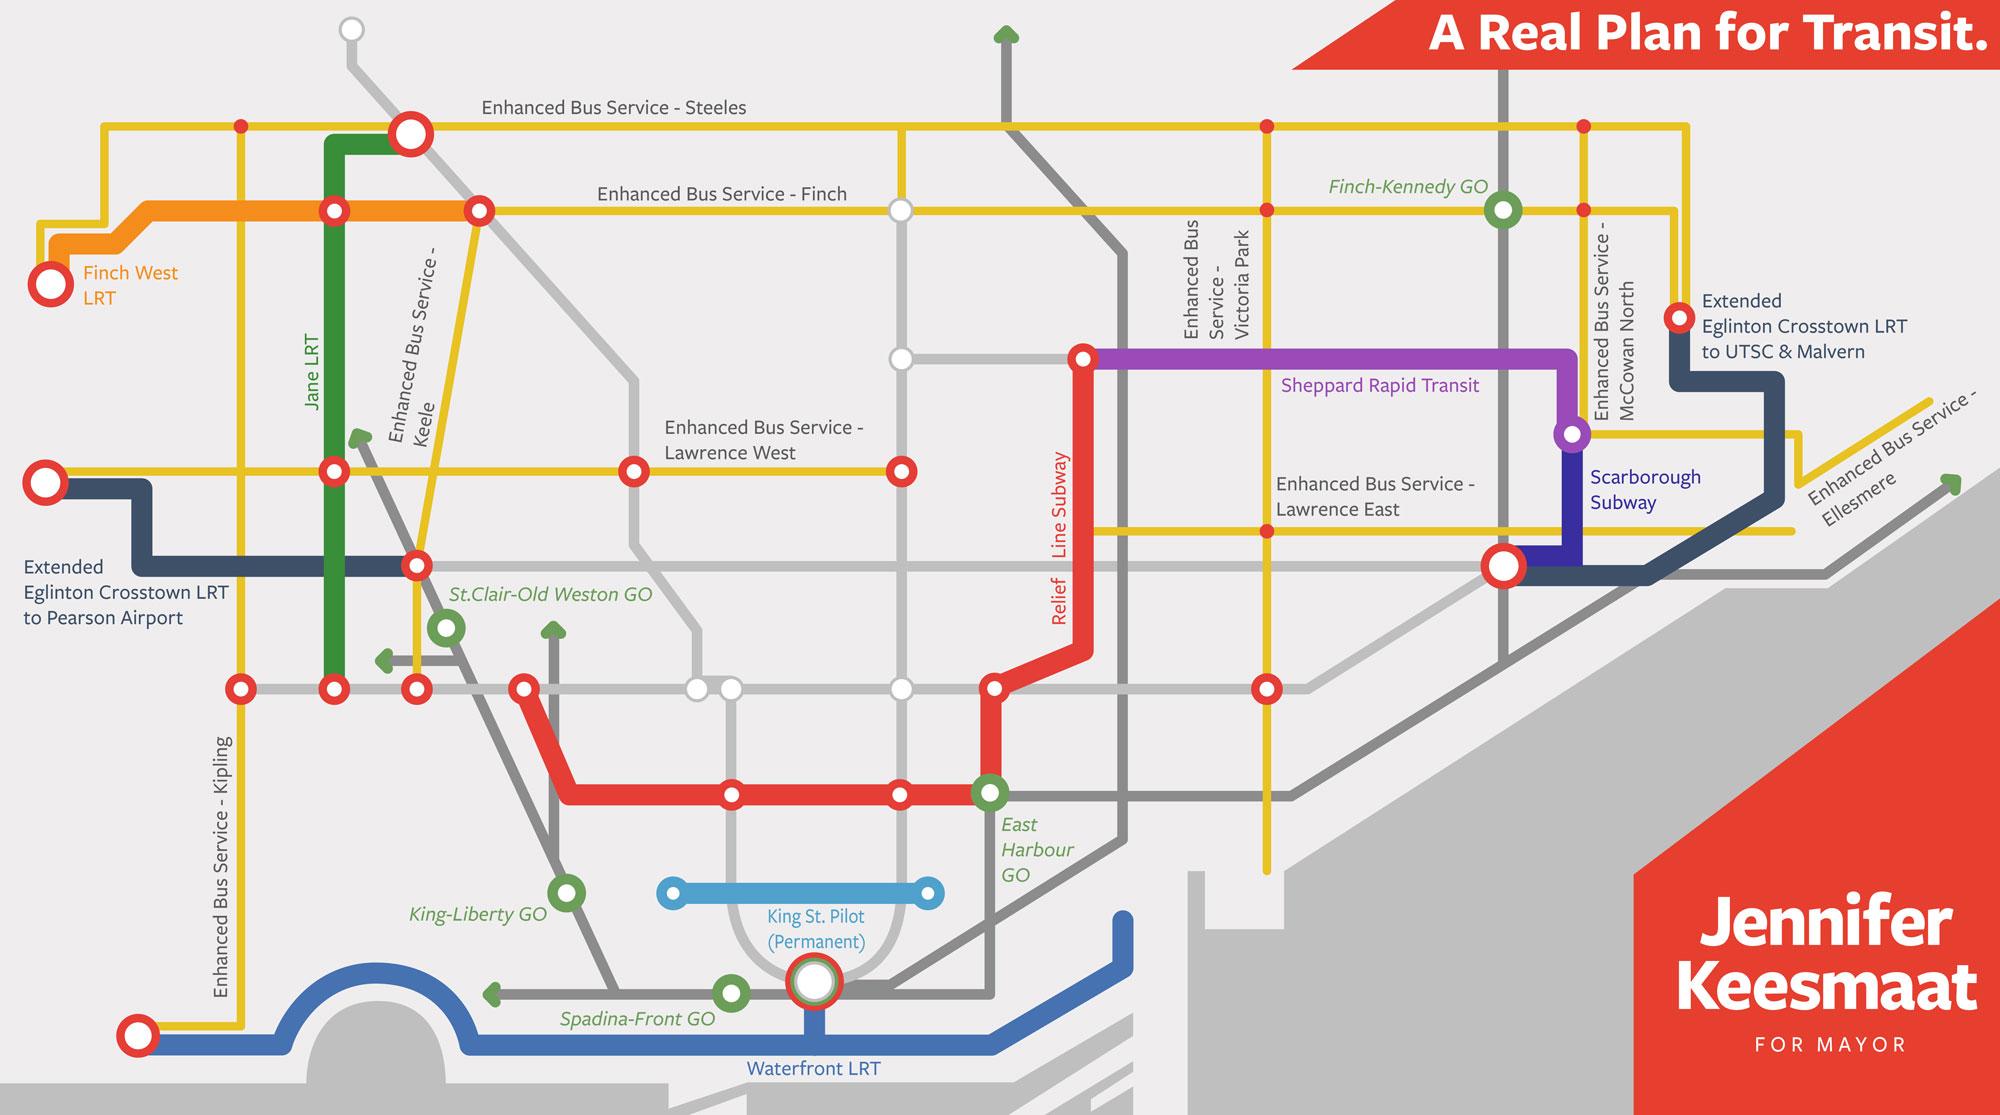 Toronto Subway Map App.Keesmaat Unveils Her 50b Transit Plan For Toronto